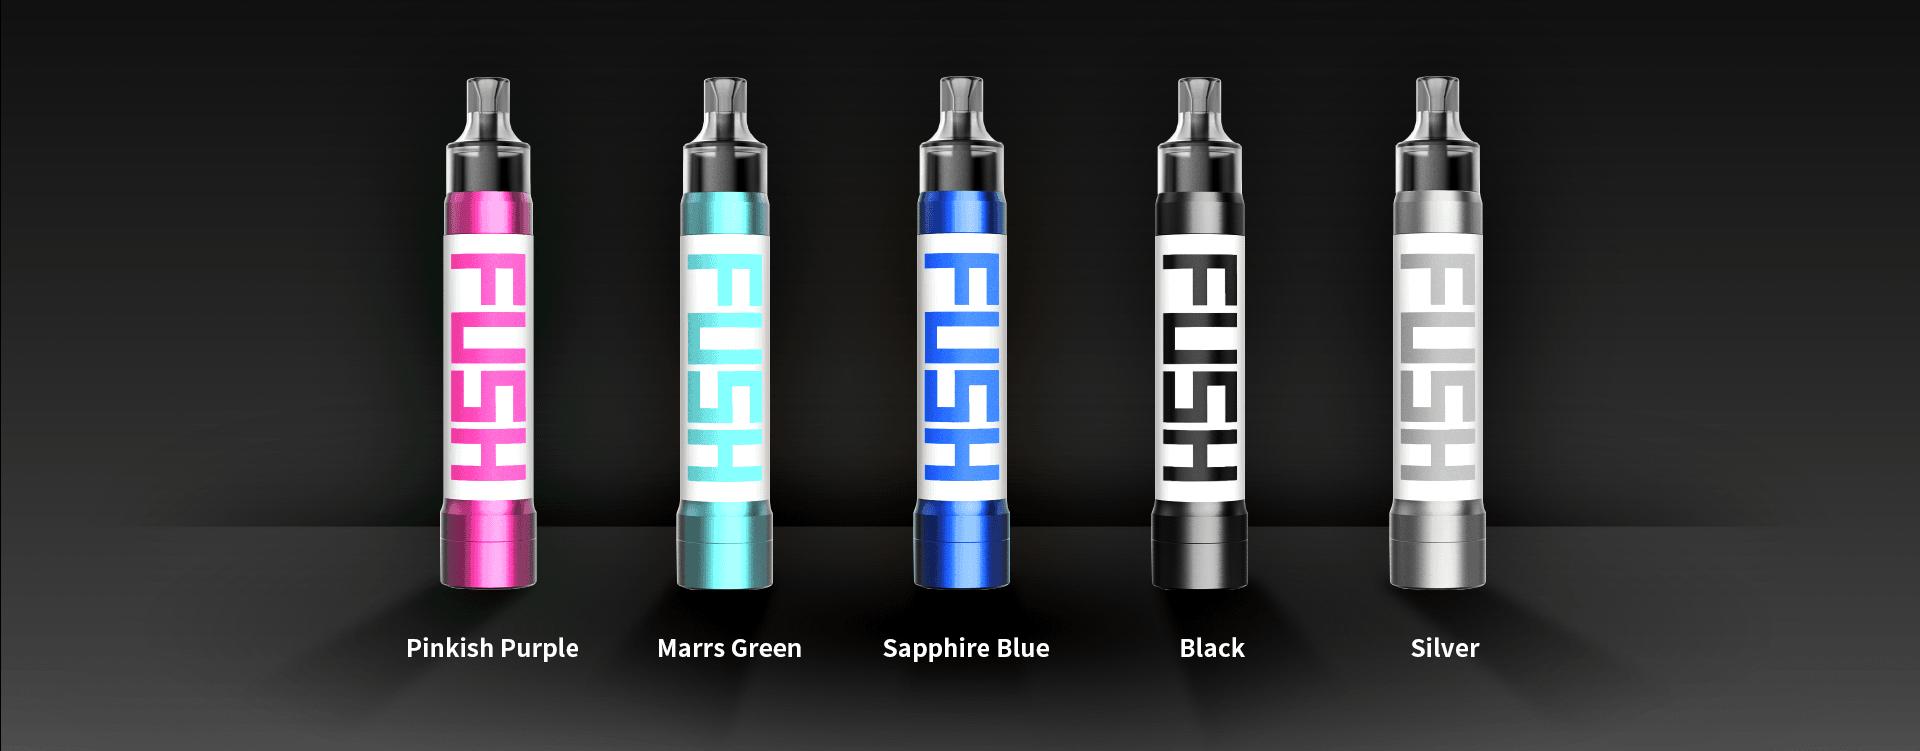 Acrohm Fush Nano Pod Kit UK Promo